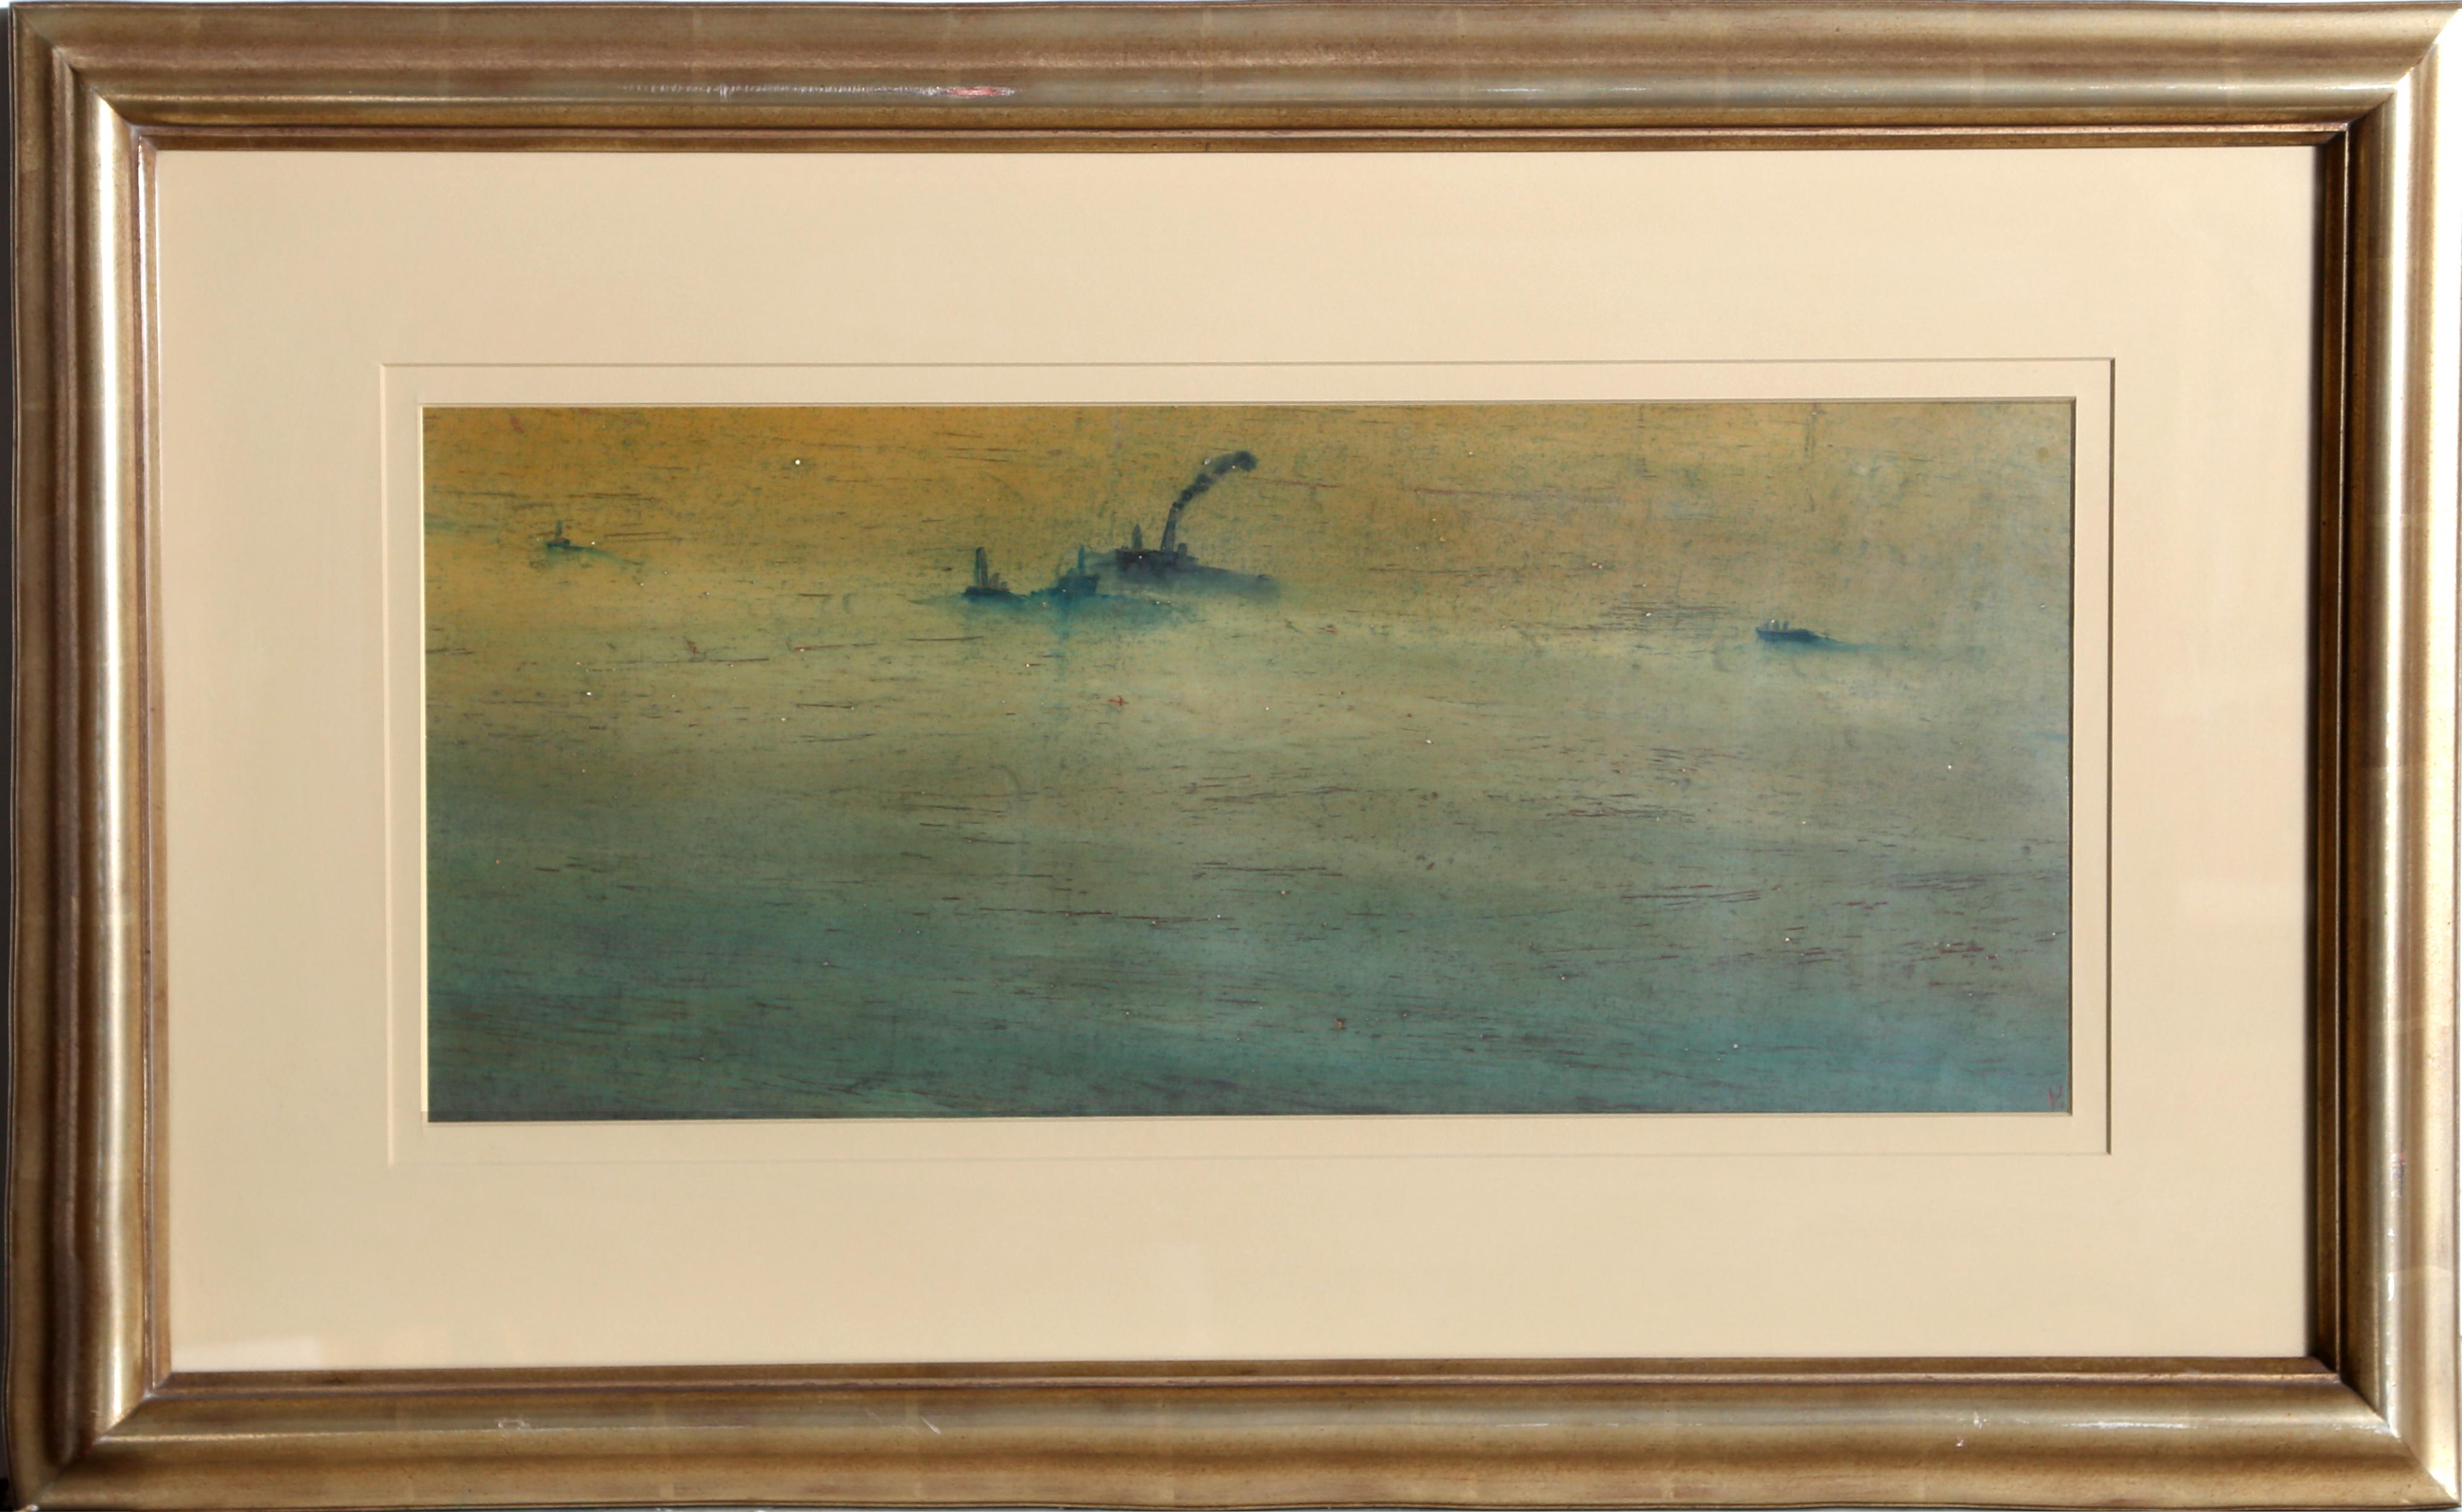 Seascape, Oil Painting by Vladimir German